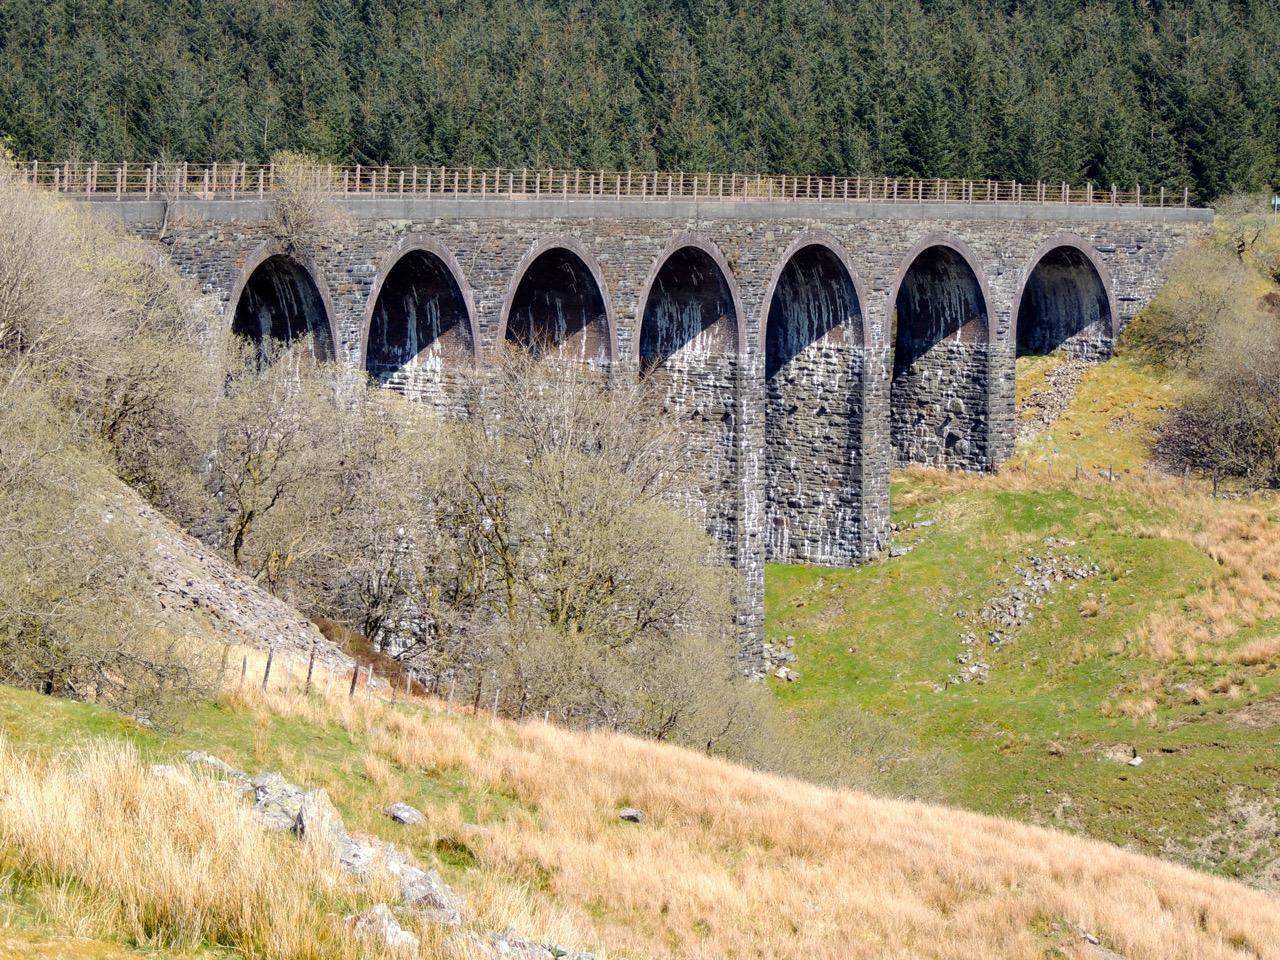 Cwm Prysor Viaduct, near Trawsfynydd